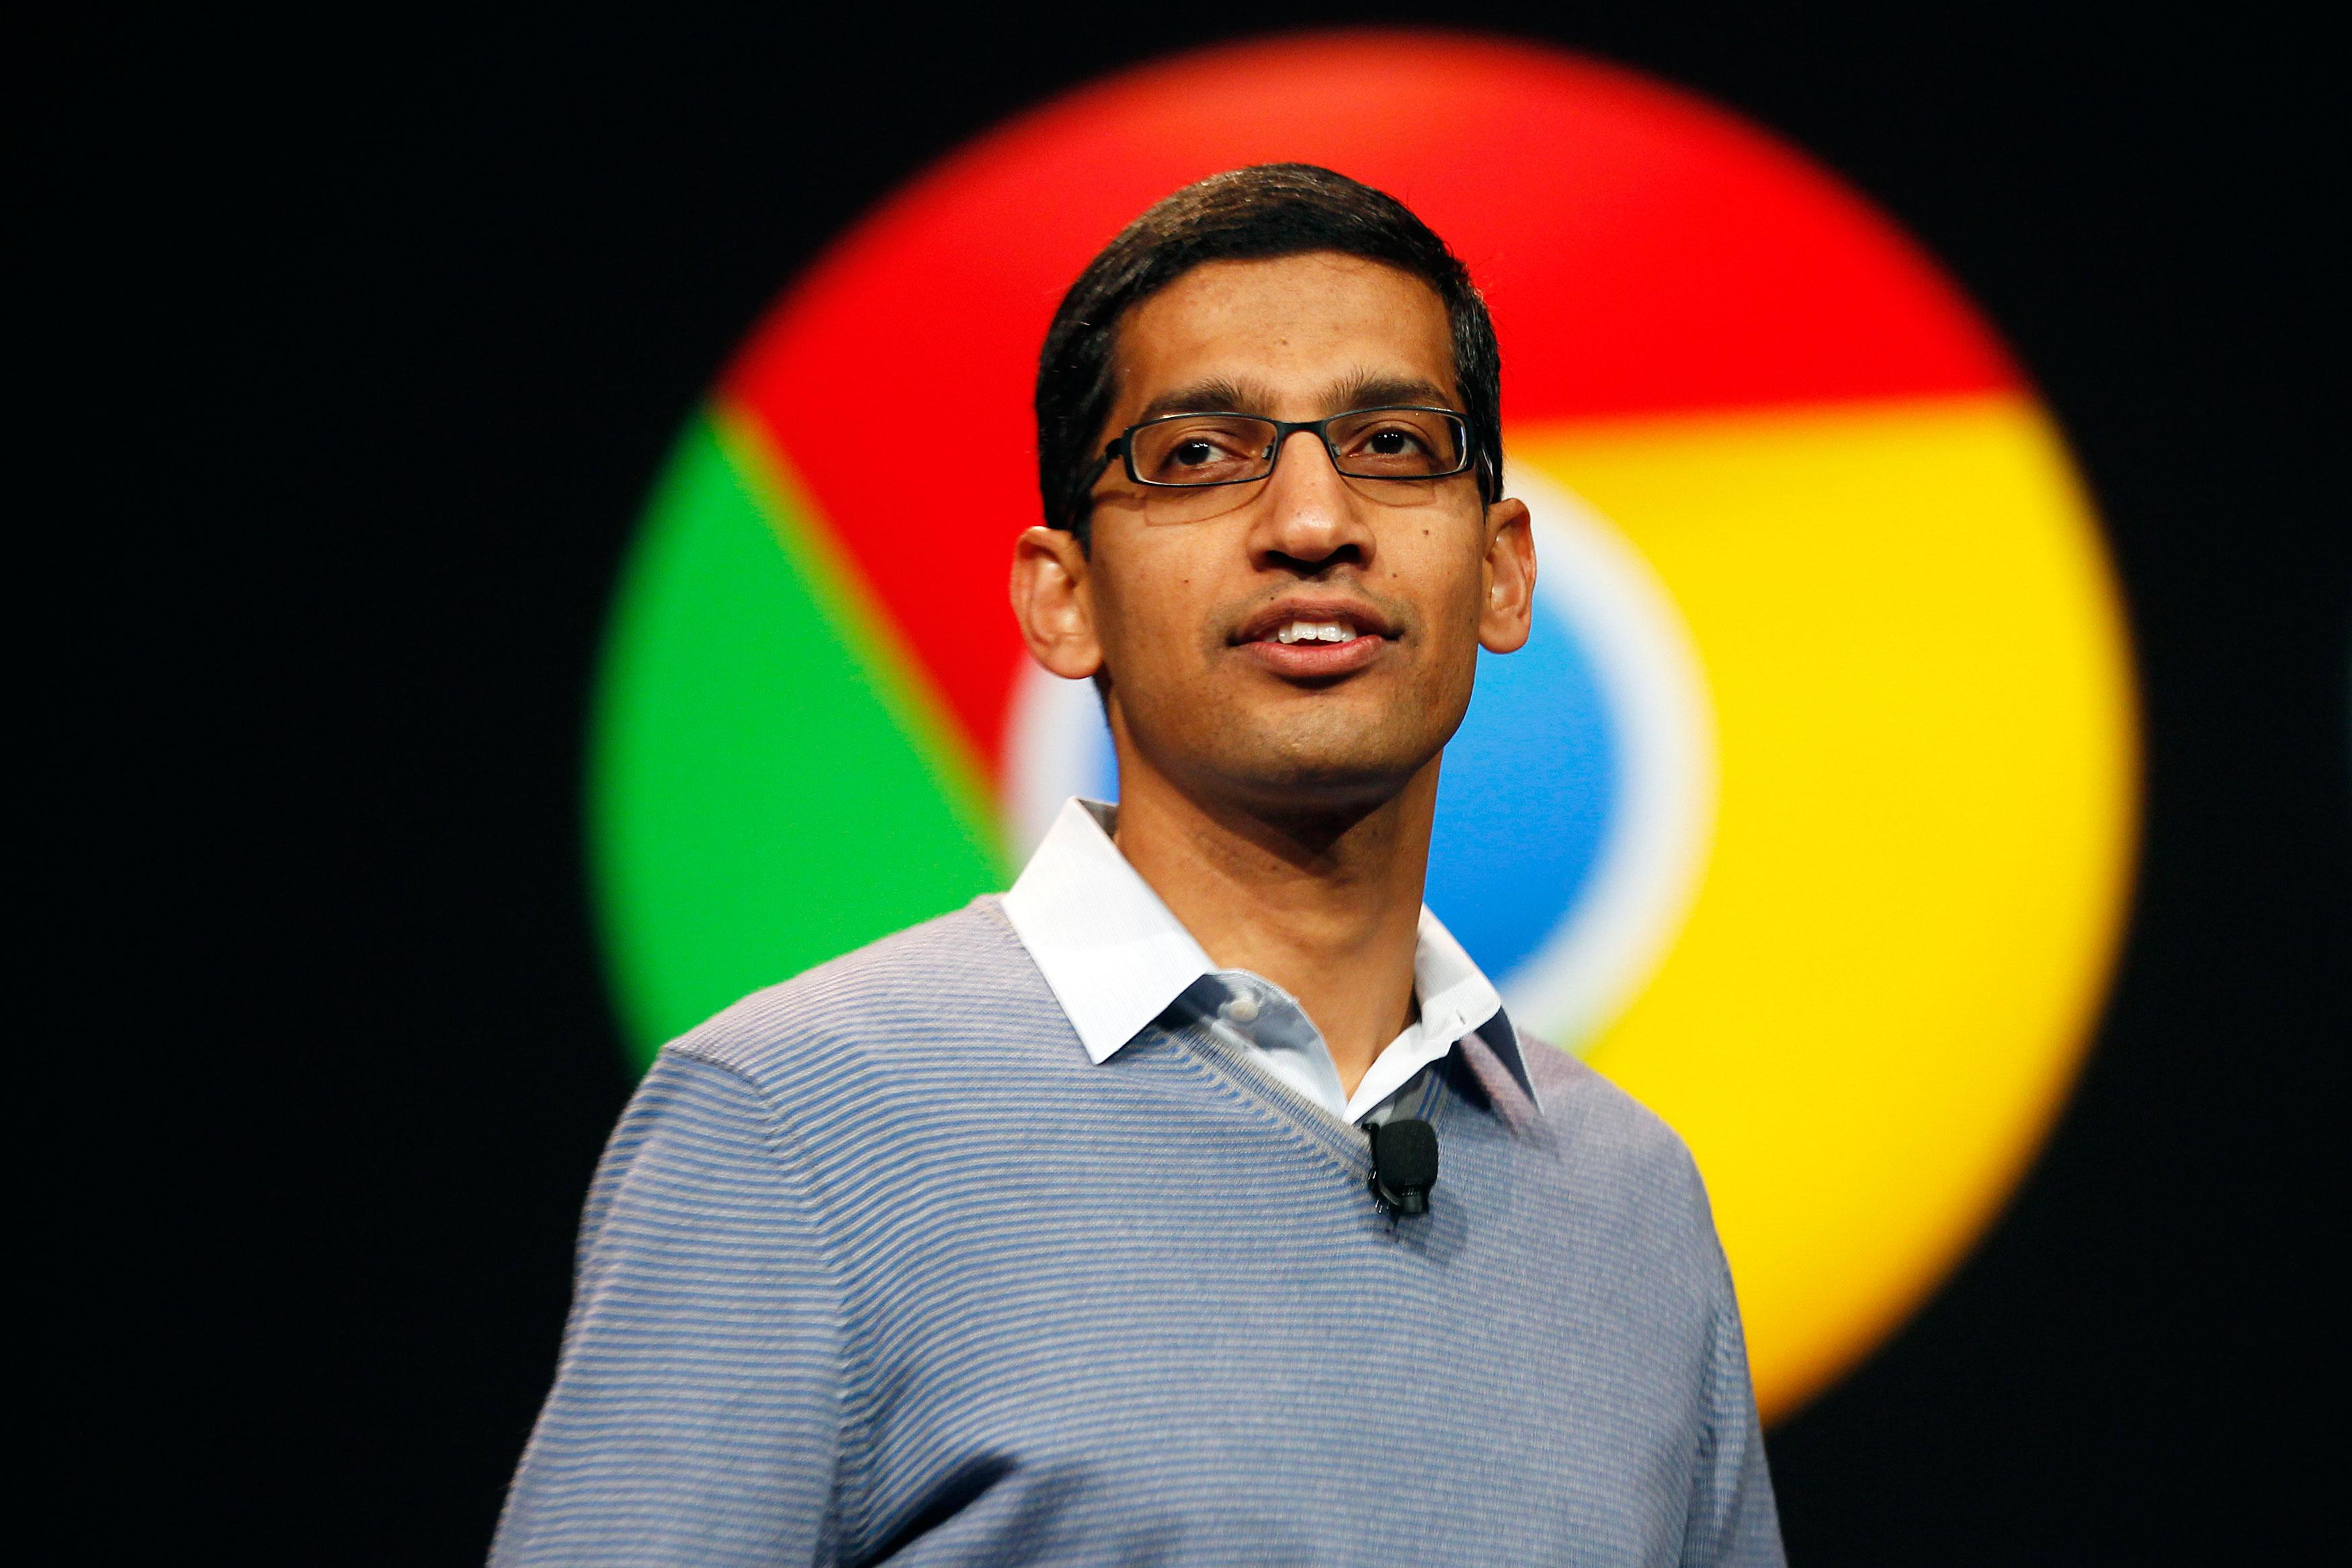 Google gets new parent Alphabet; Sundar Pichai becomes CEO of Google